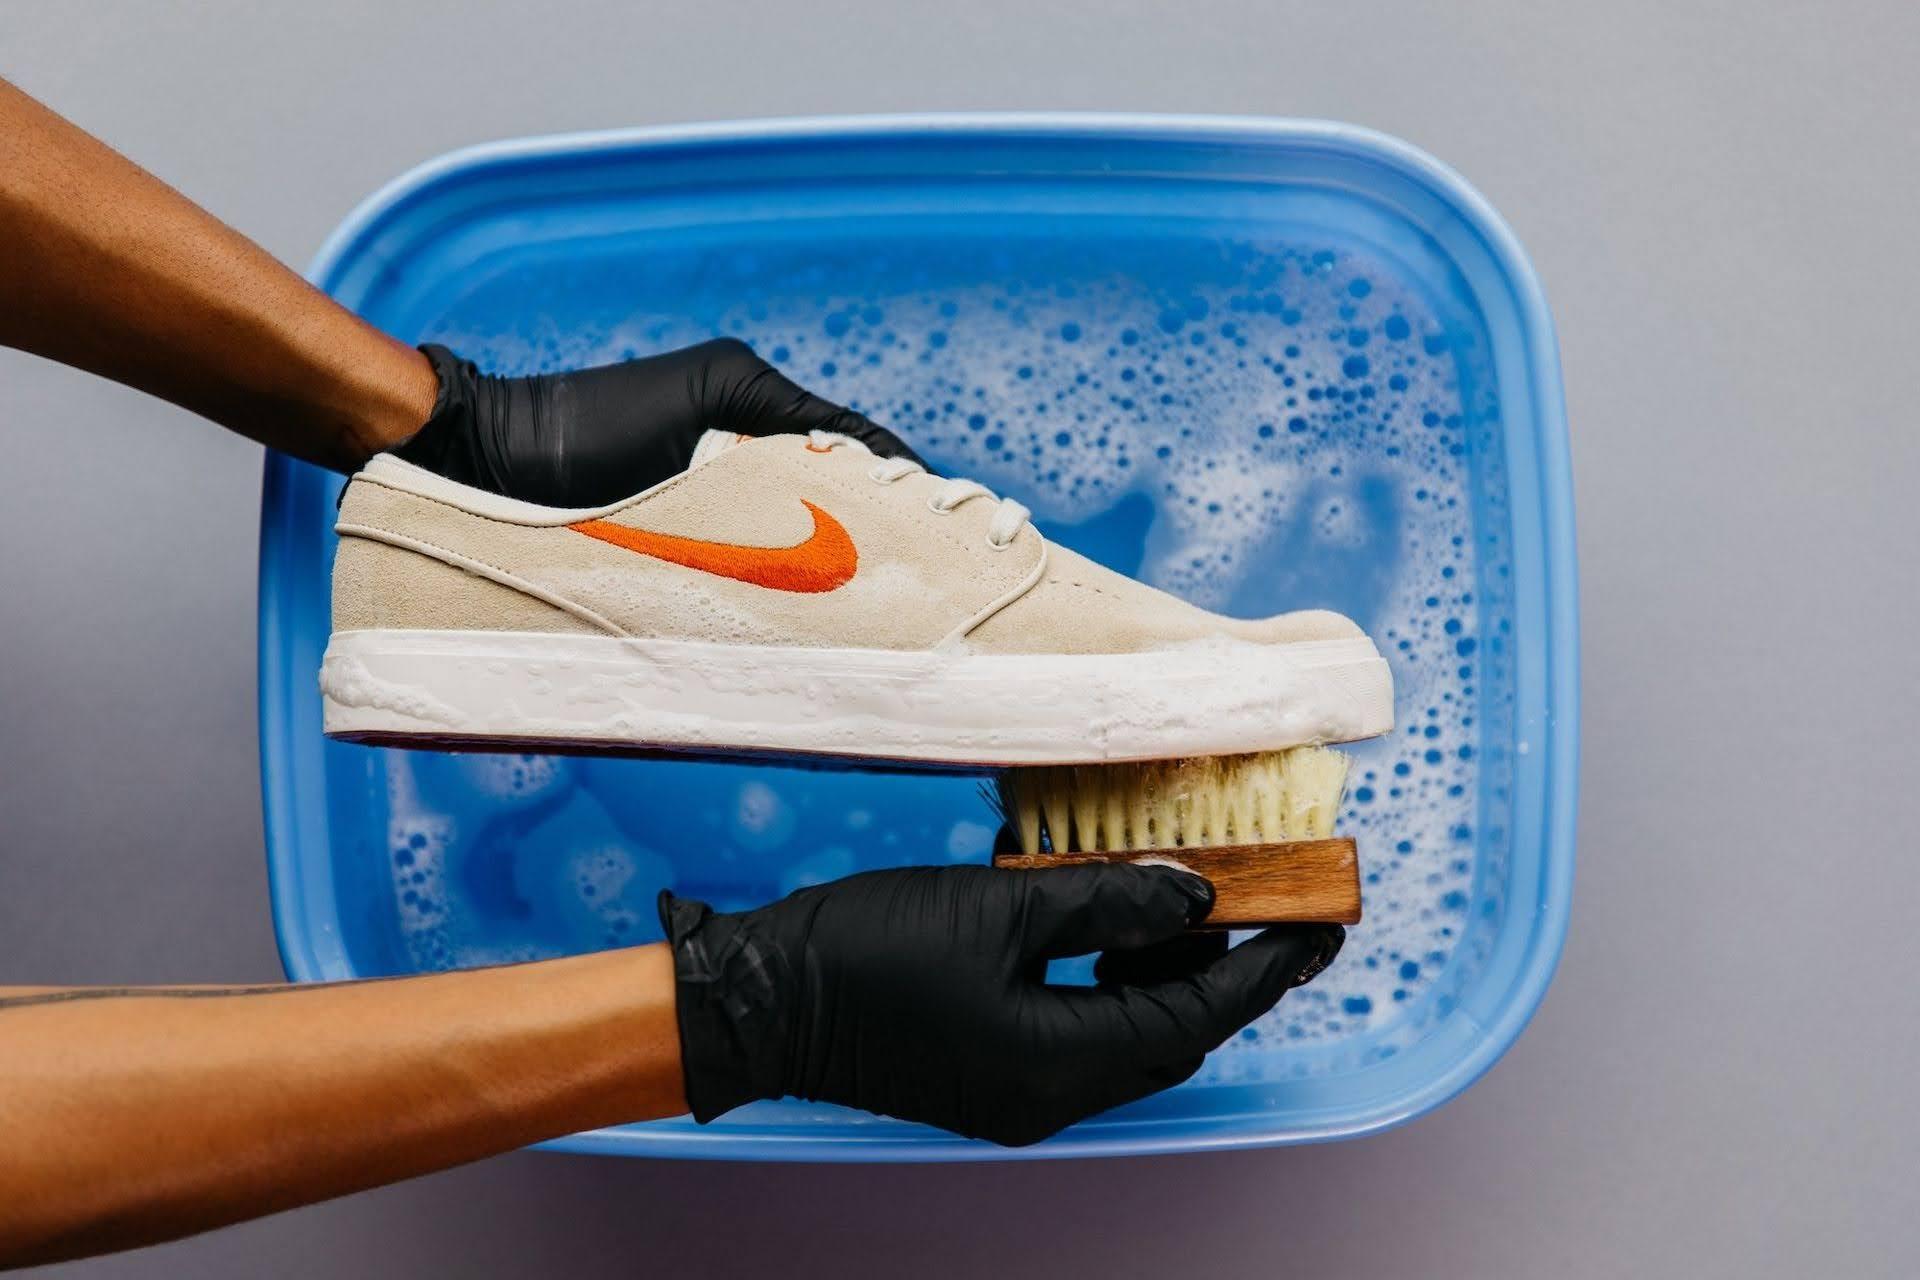 スニーカー 洗い方 ケア 方法 おすすめ sneakers-how-to-wash sole nike